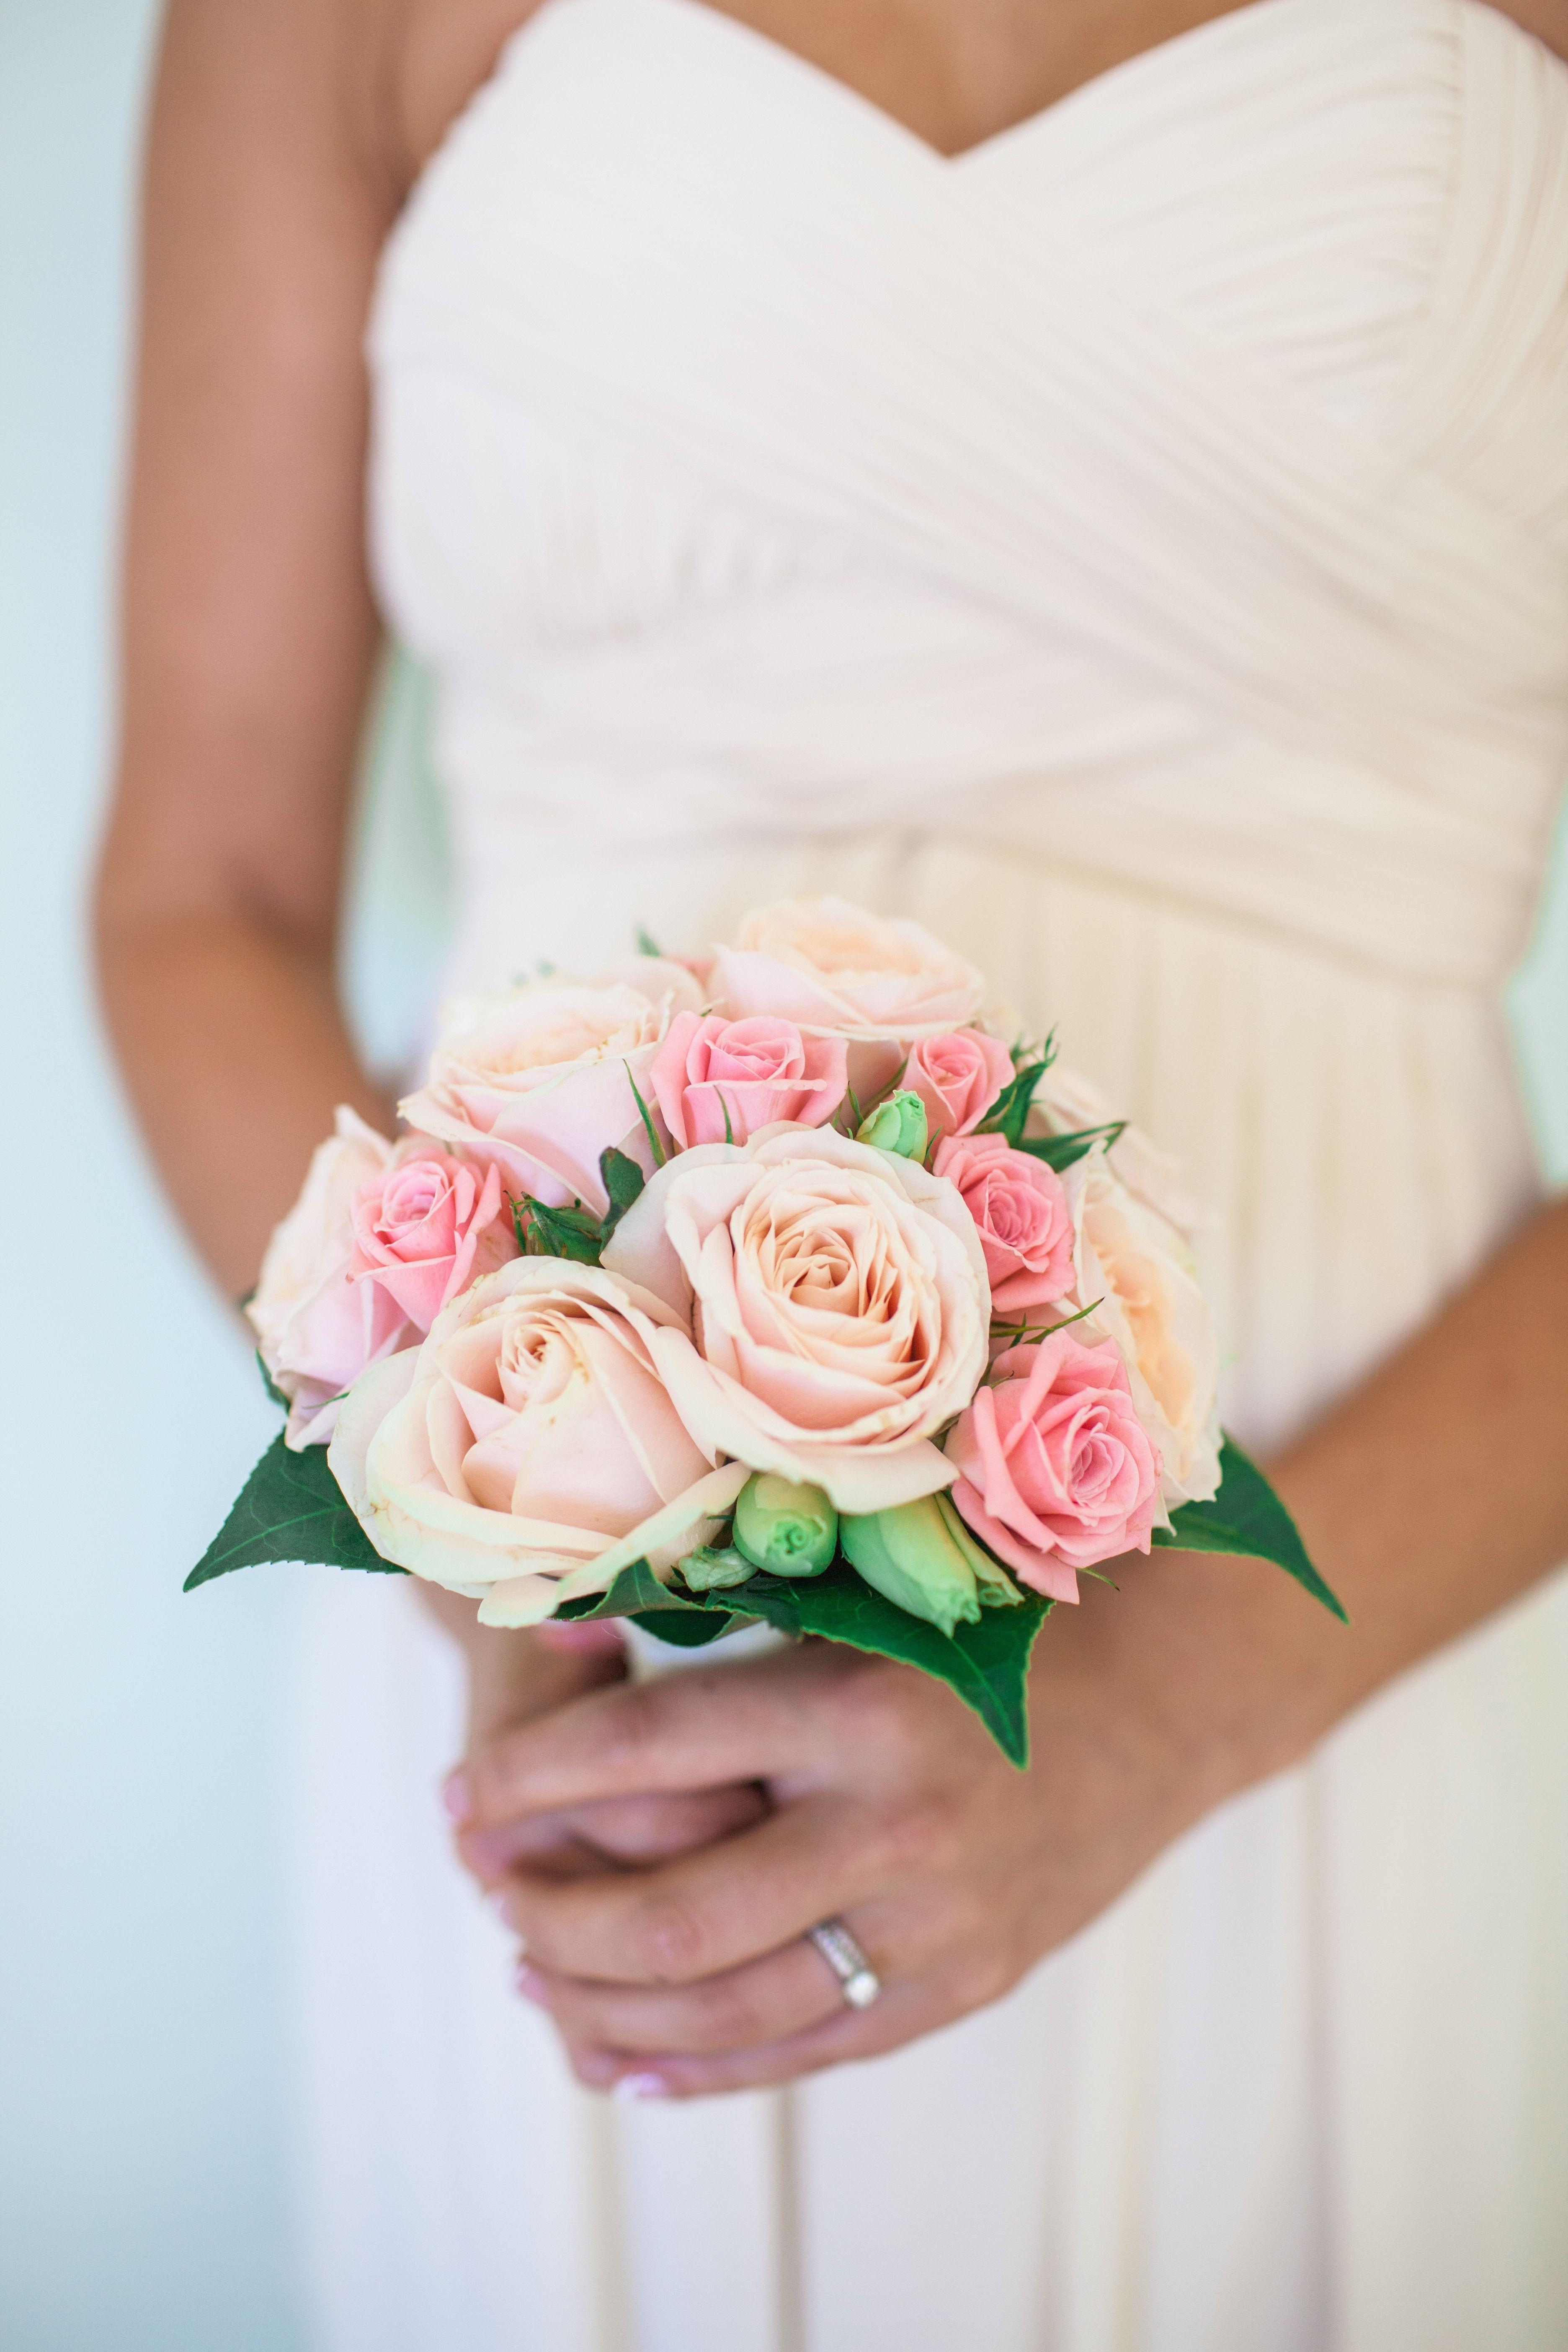 шитья маленькие букеты для невест картинки него довольно